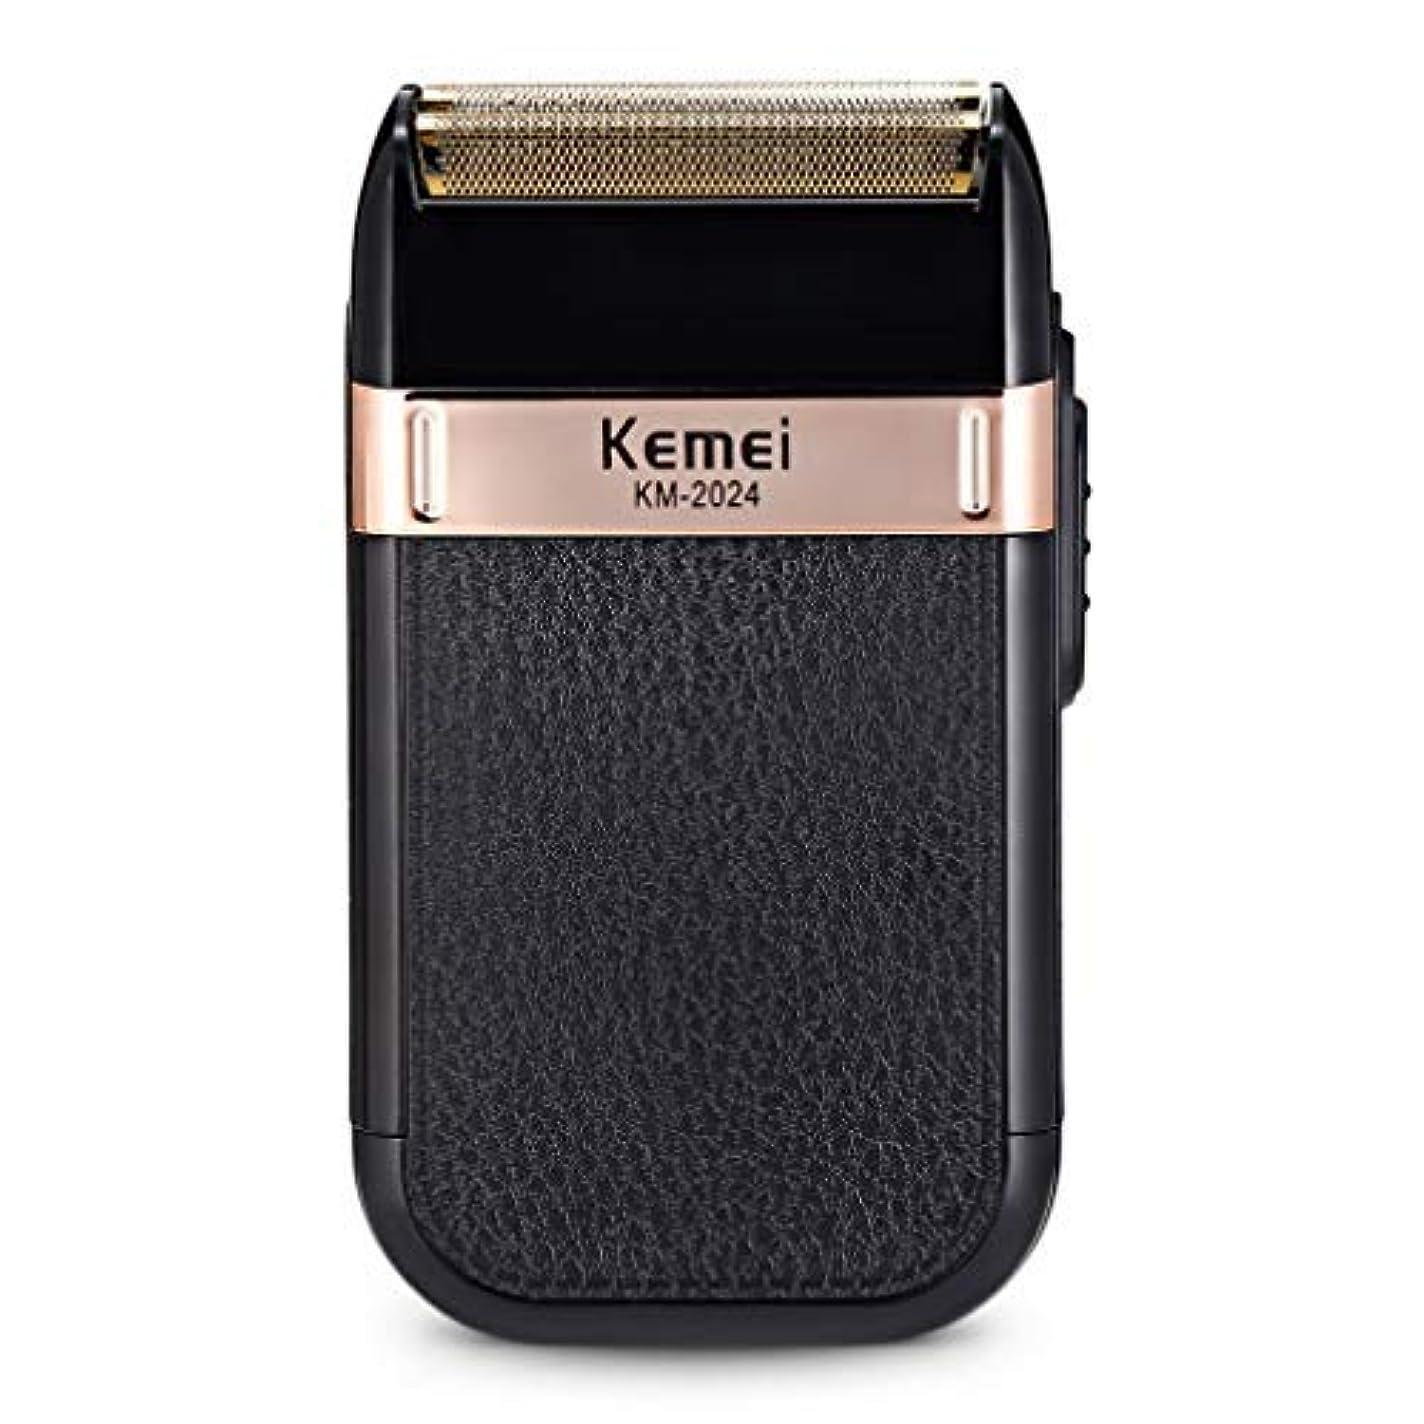 気怠い思い出させるエンコミウムキロ - レシプロダブルメッシュレイザー金と銀のナイフネットボディウォッシュを充電2024For Kemei充電式Usbの